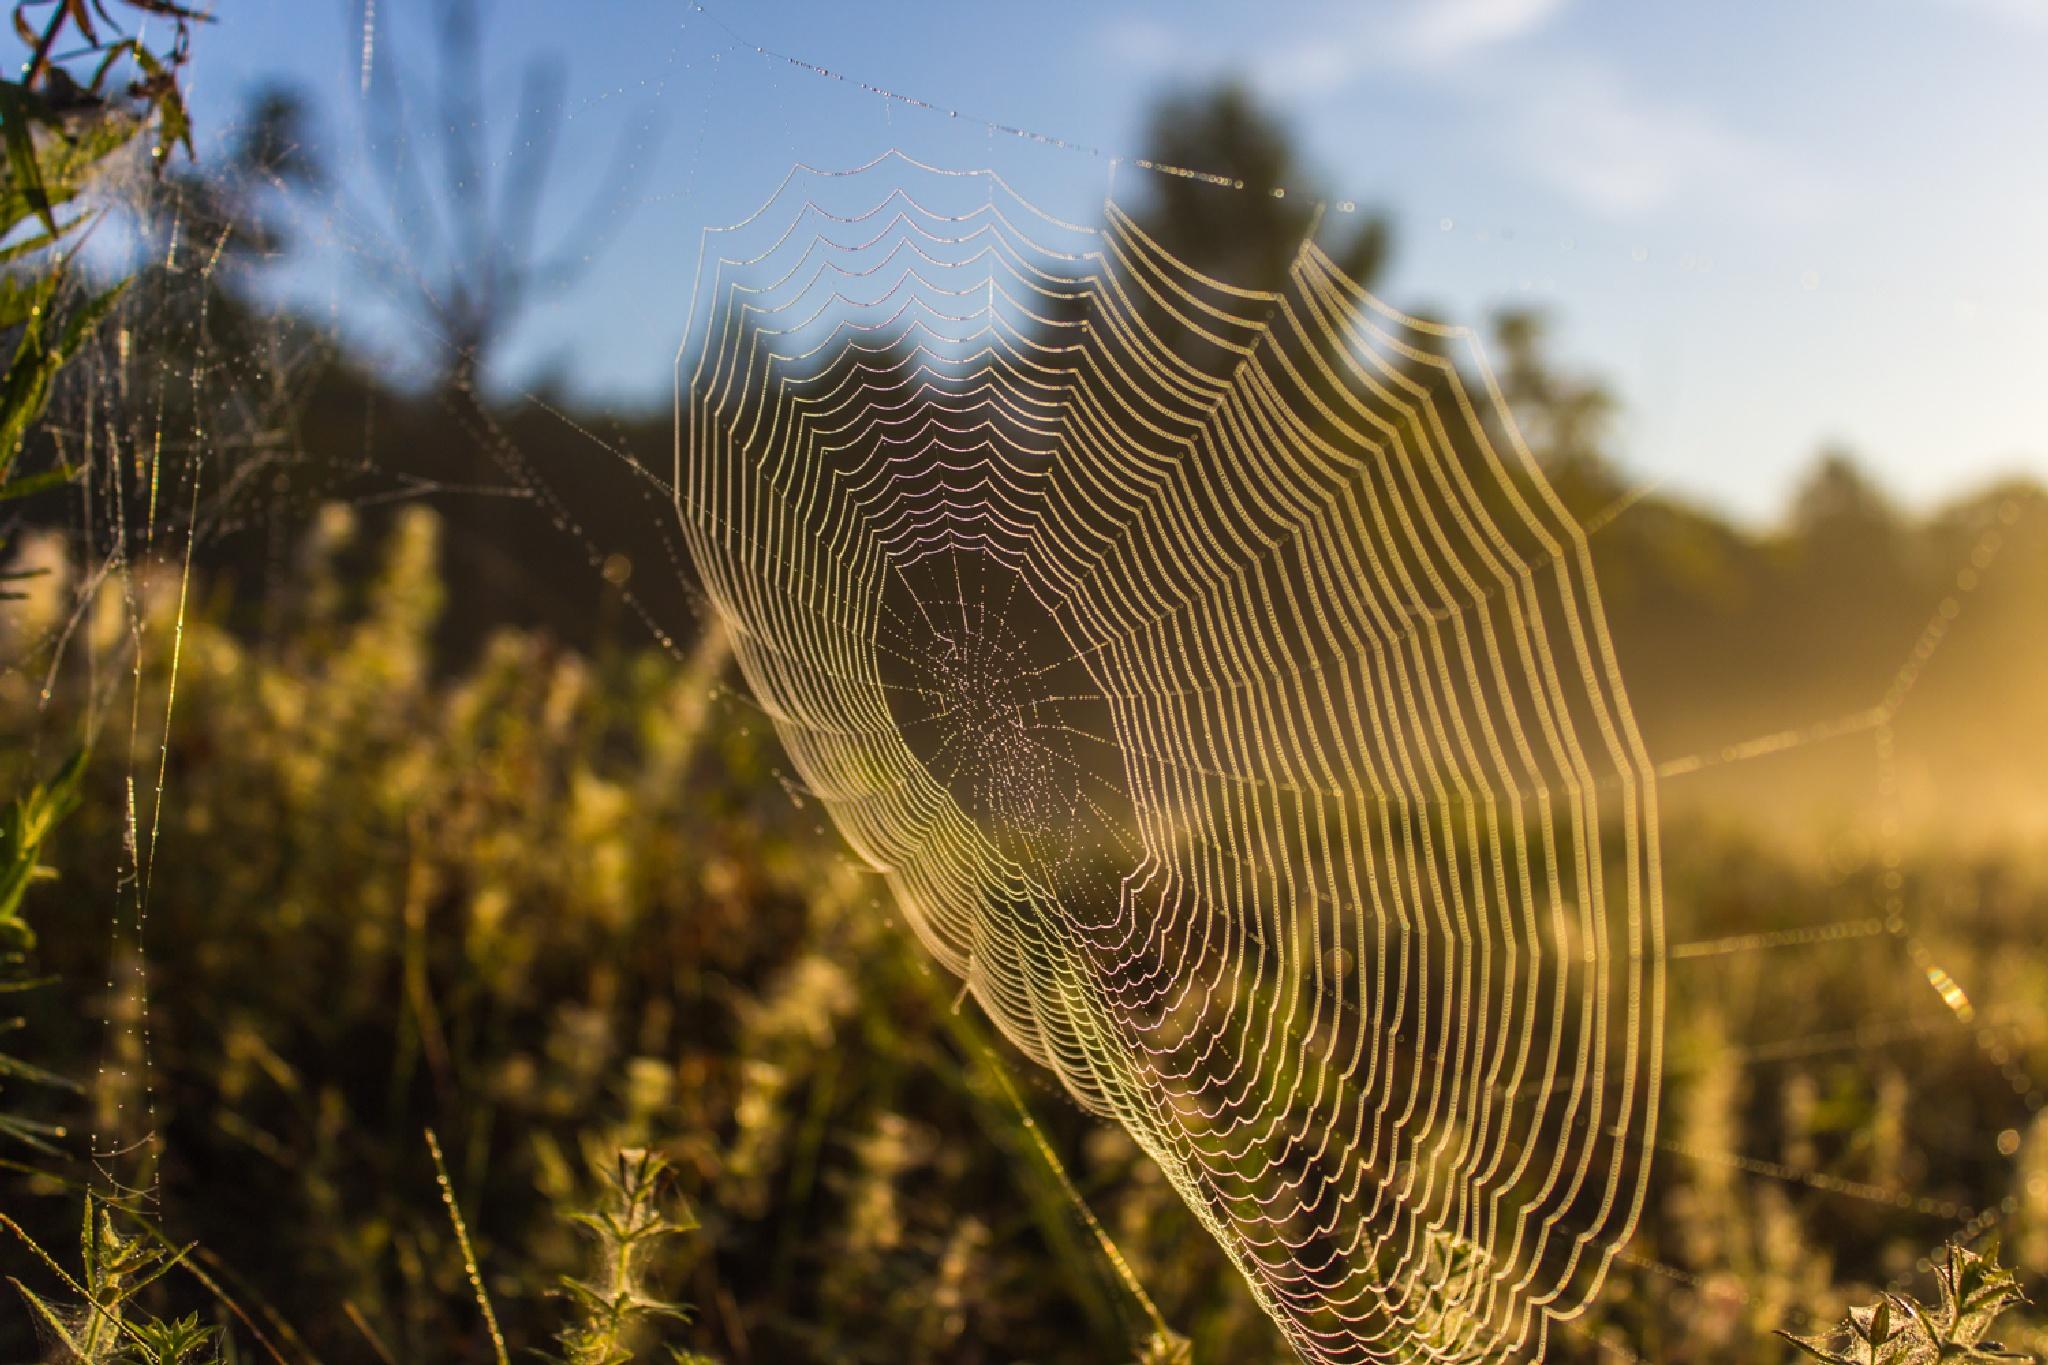 spiderweb in the sun by kozakovs